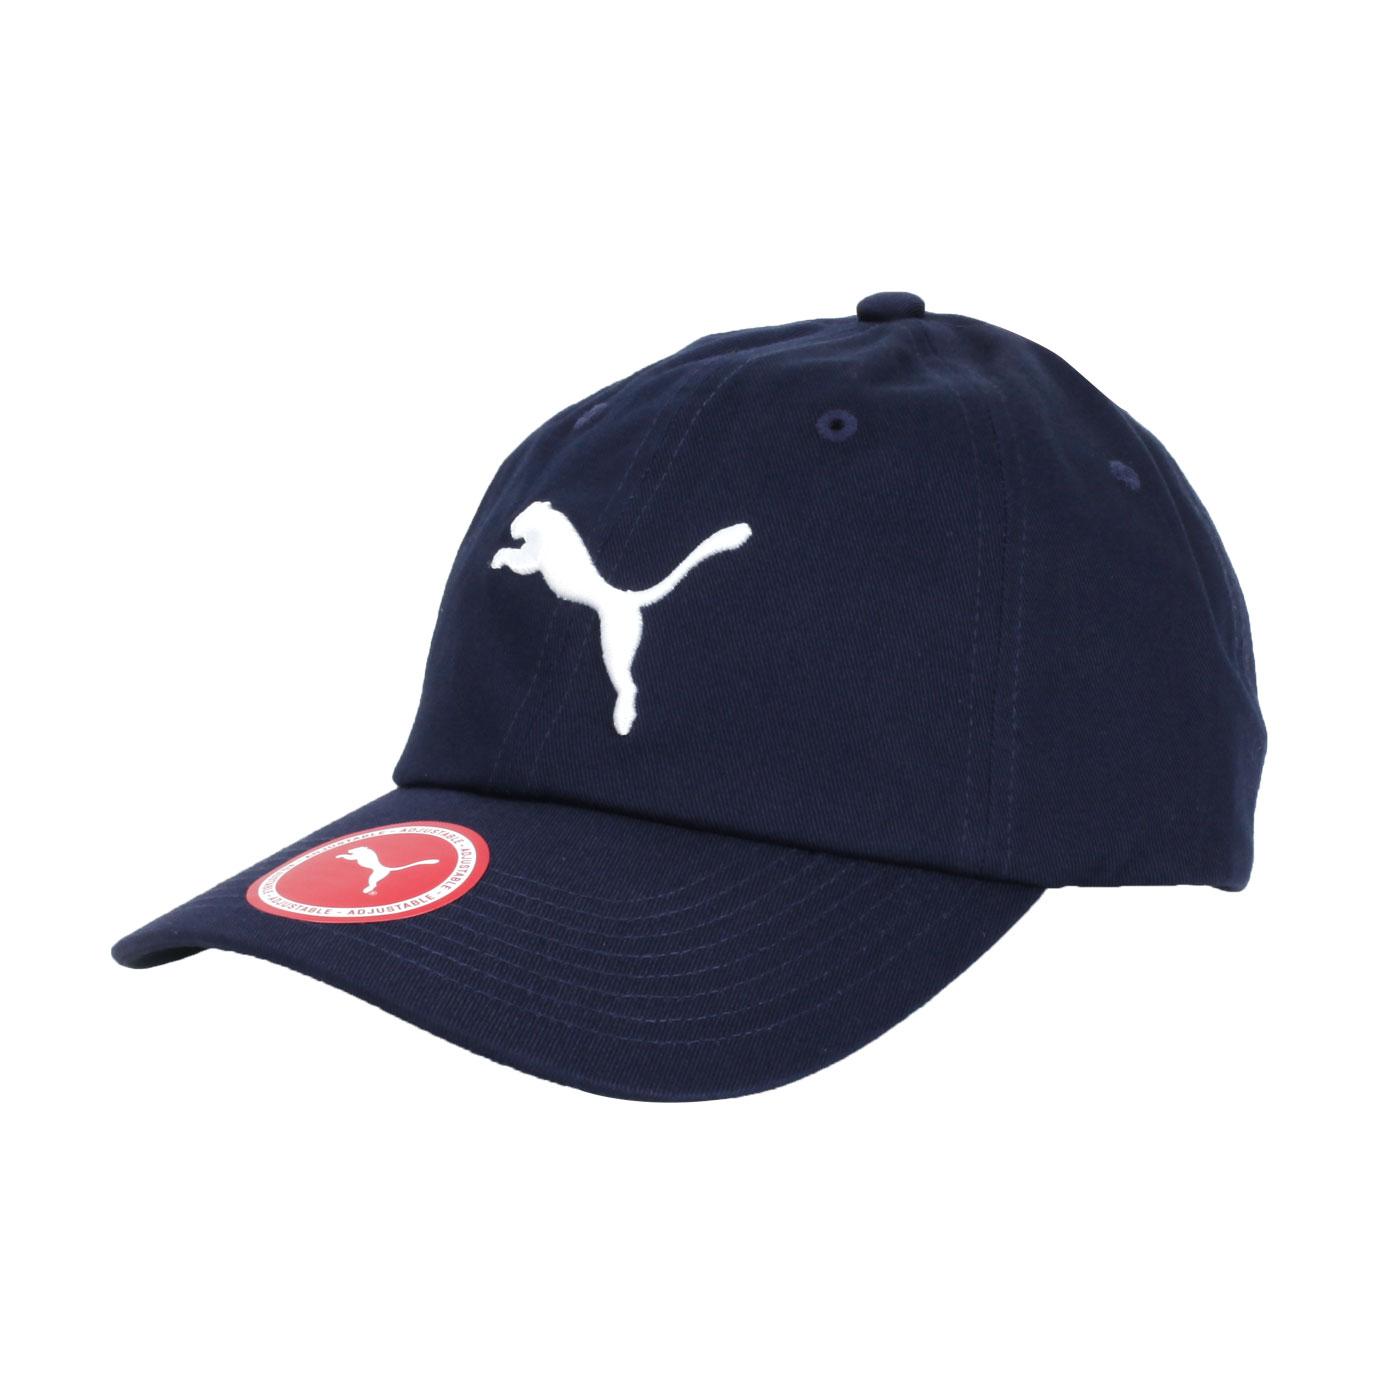 PUMA 基本系列棒球帽 05291902 - 丈青白